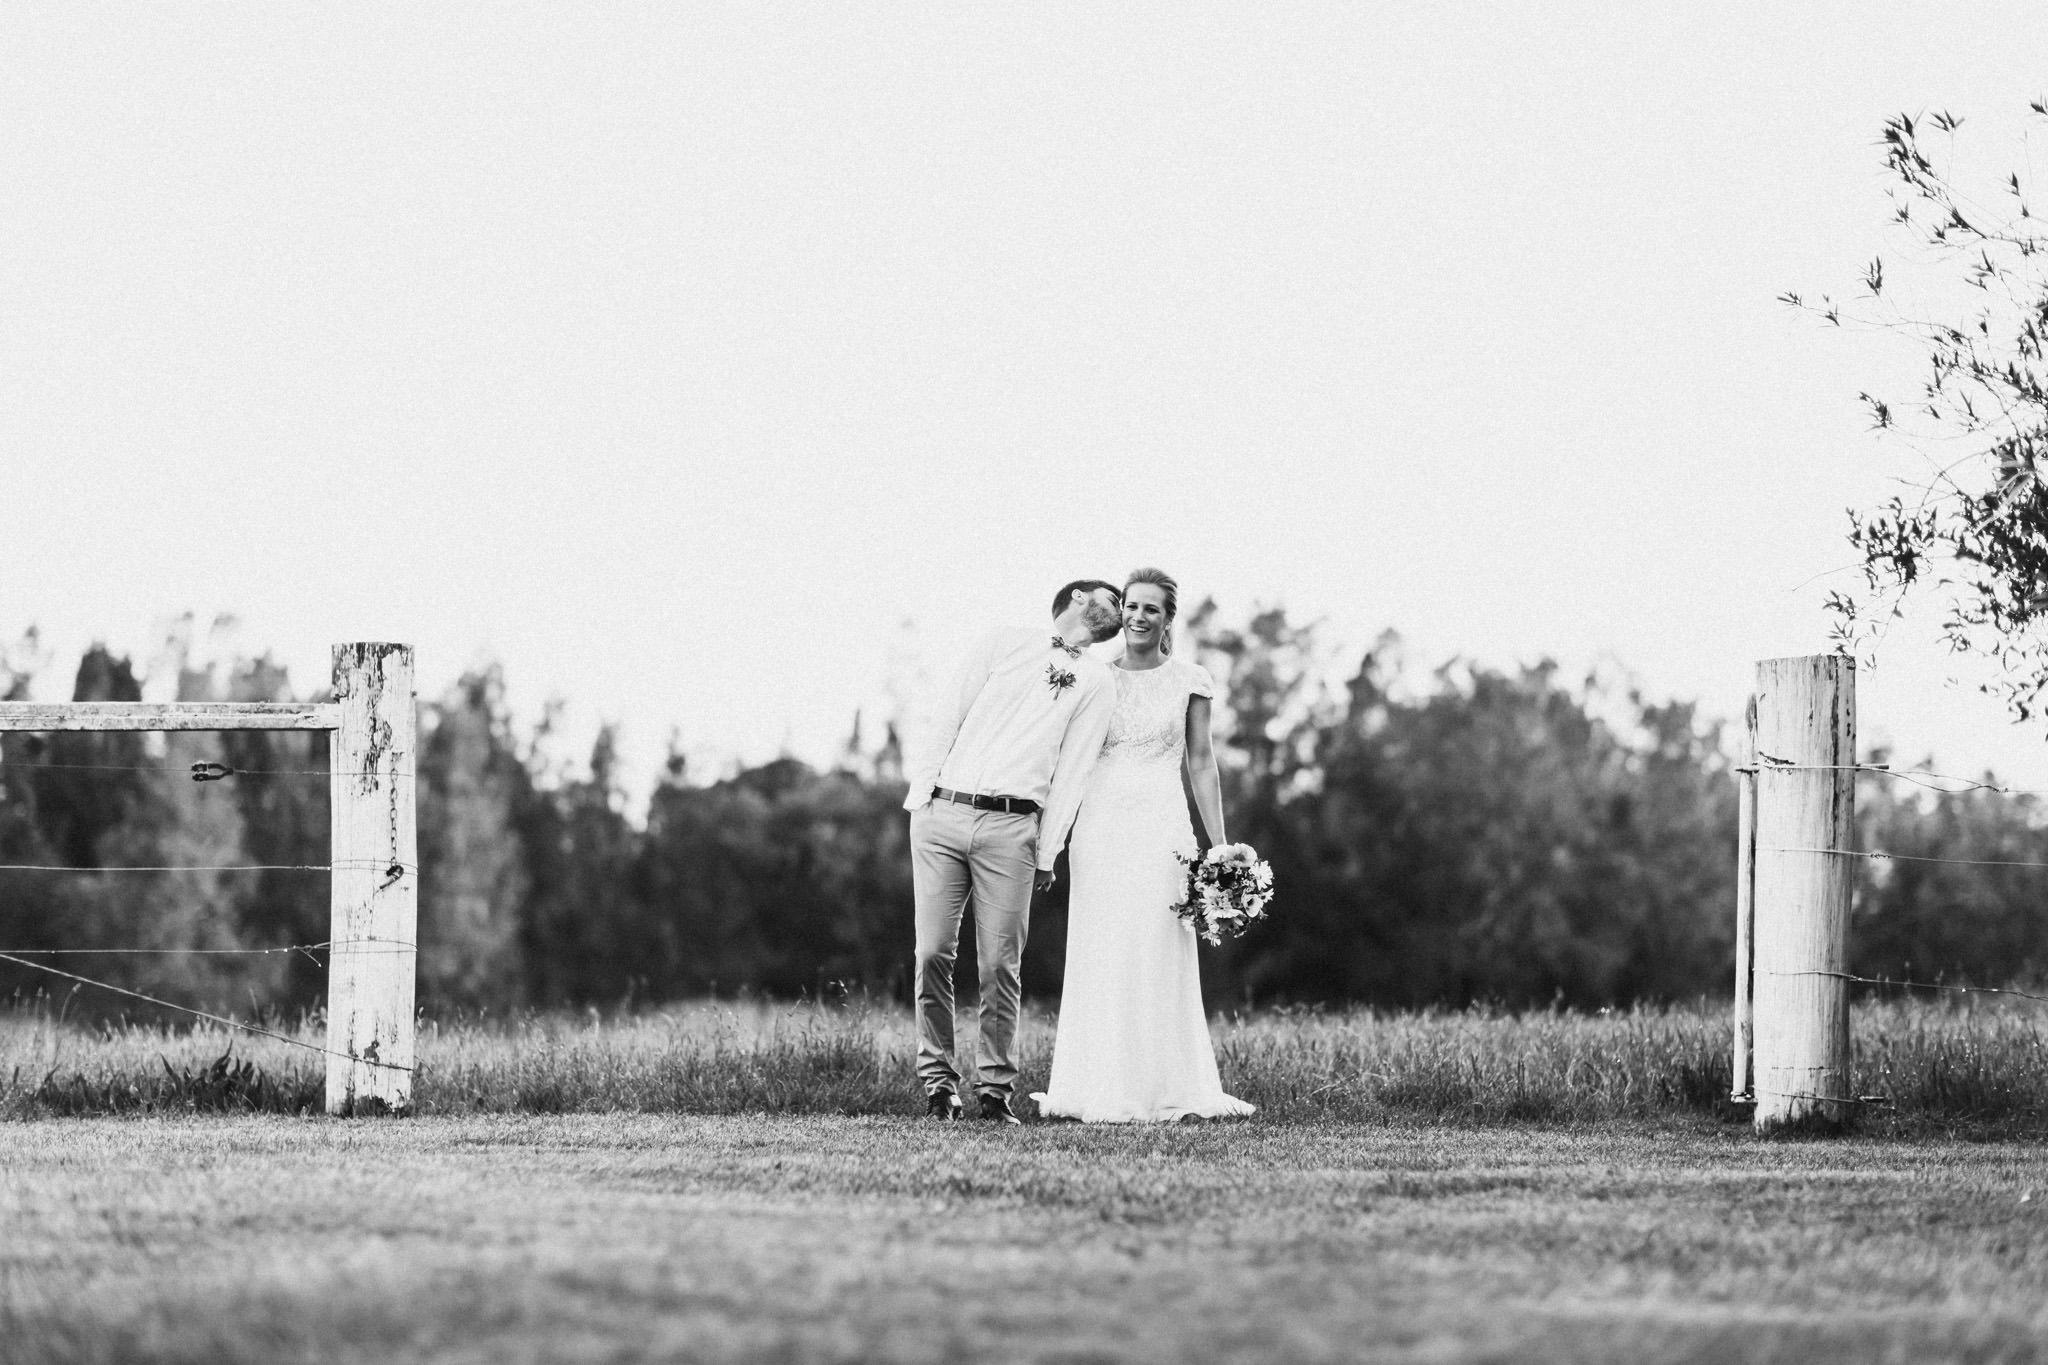 WeddingPhotos_Facebook_2048pixels-1702.jpg